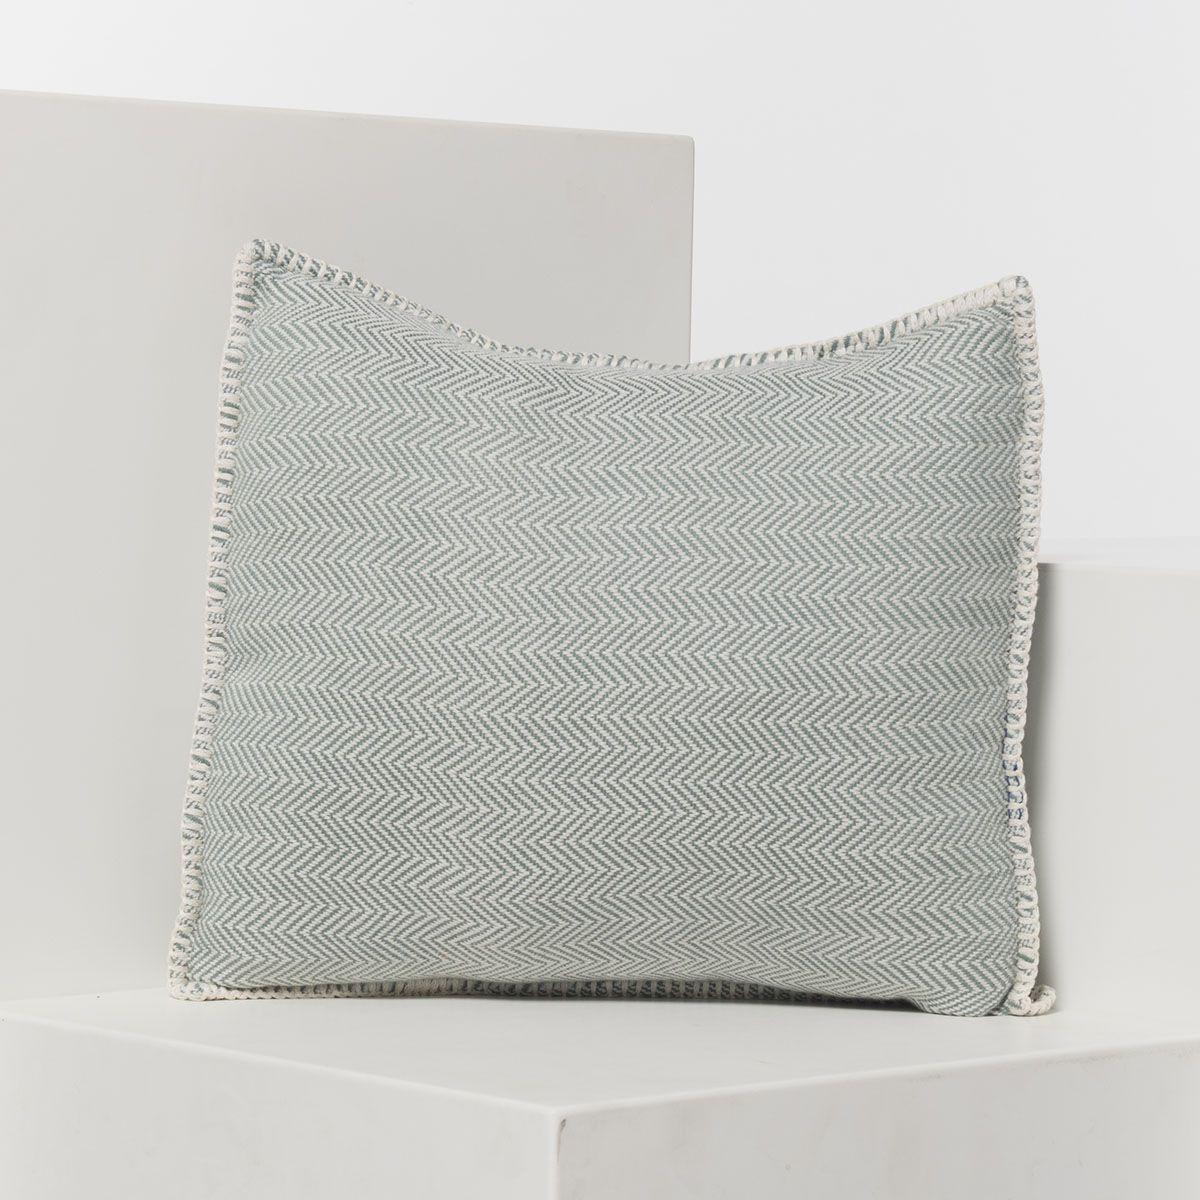 Yastık Kılıfı Zigzag - Çağla Yeşil / 40x40